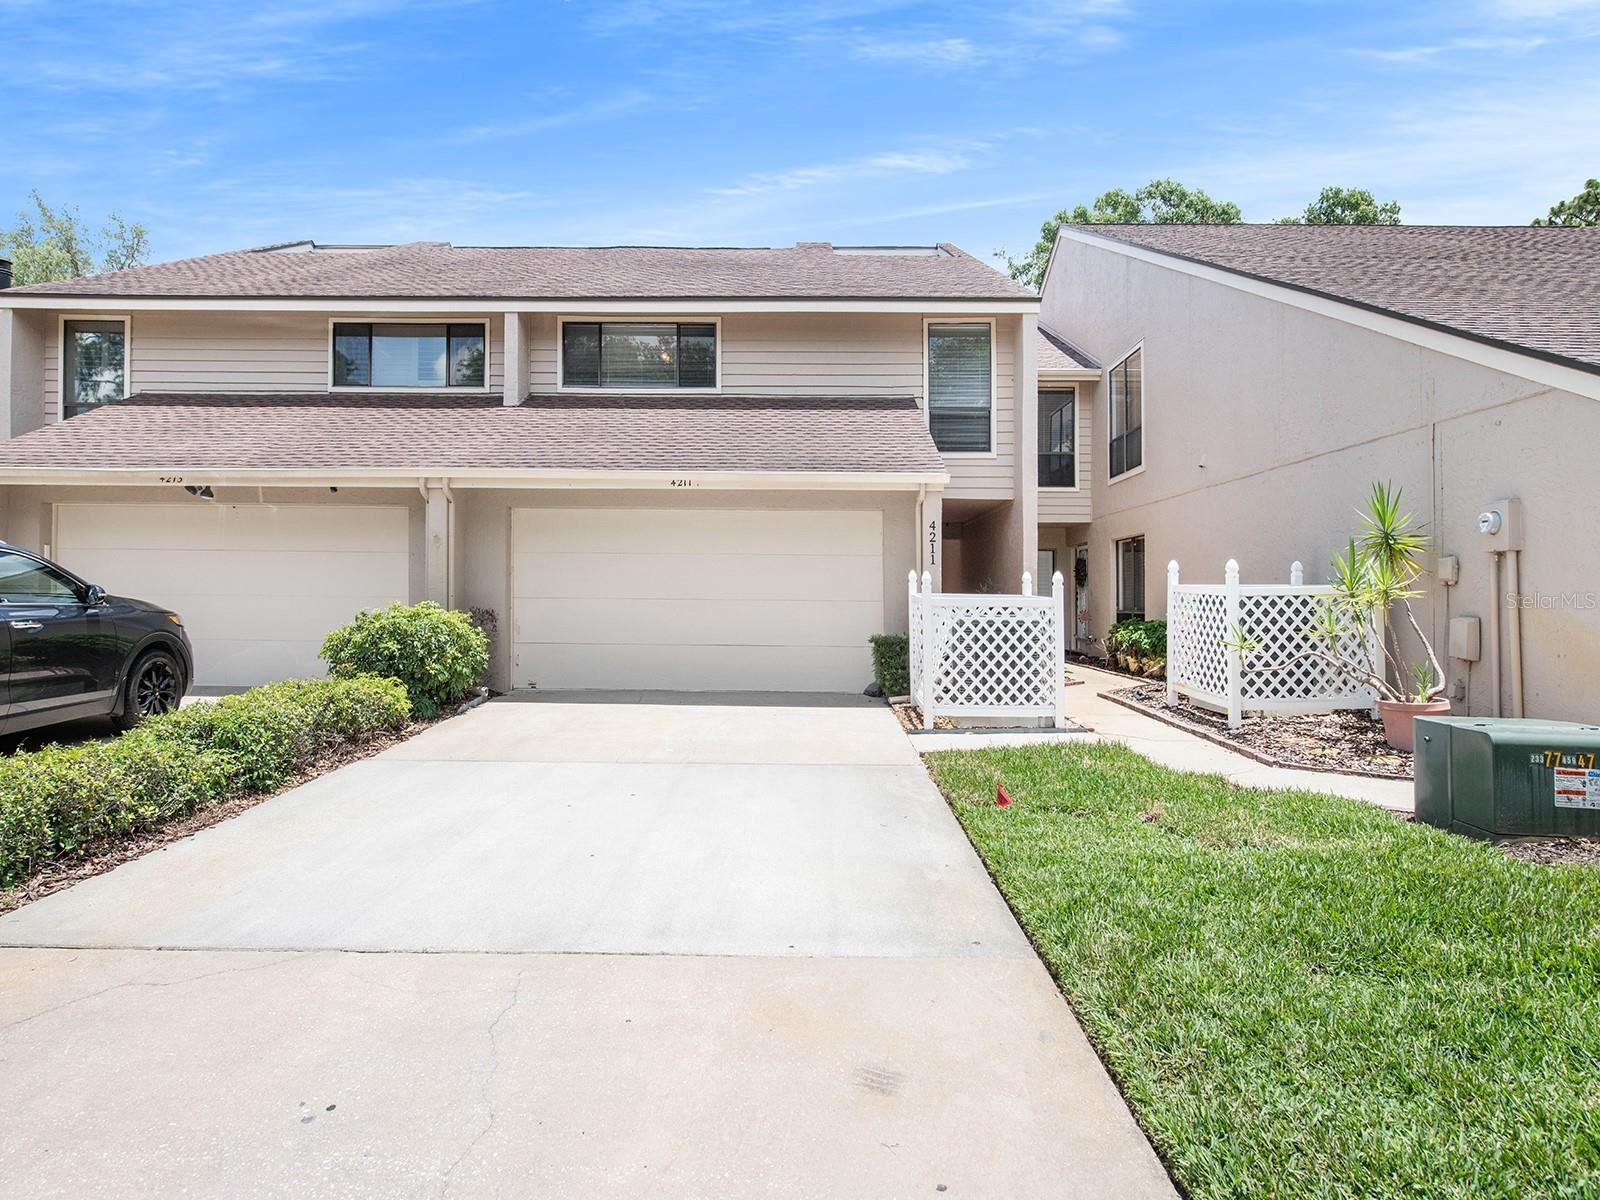 4211 HARTWOOD LANE, Tampa, FL 33618 - MLS#: T3311793